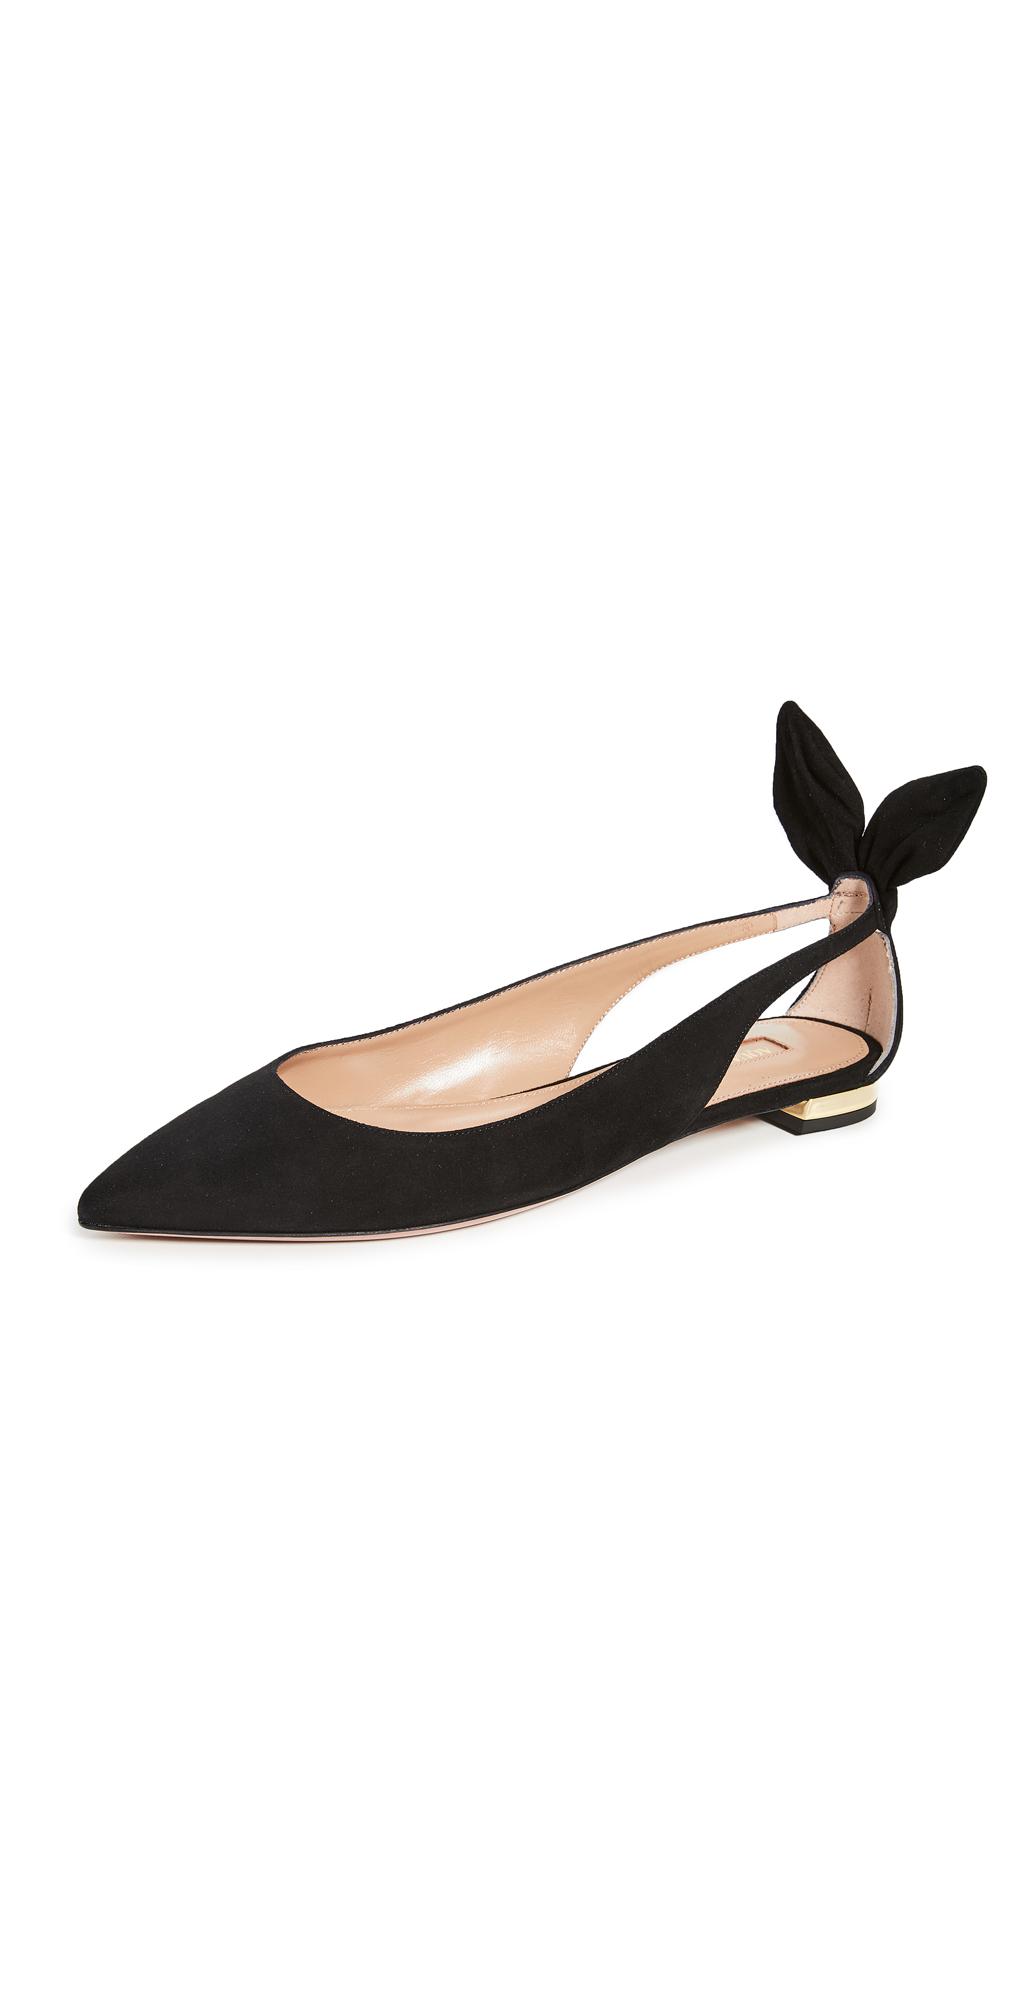 Aquazzura Bow Tie Ballet Flats